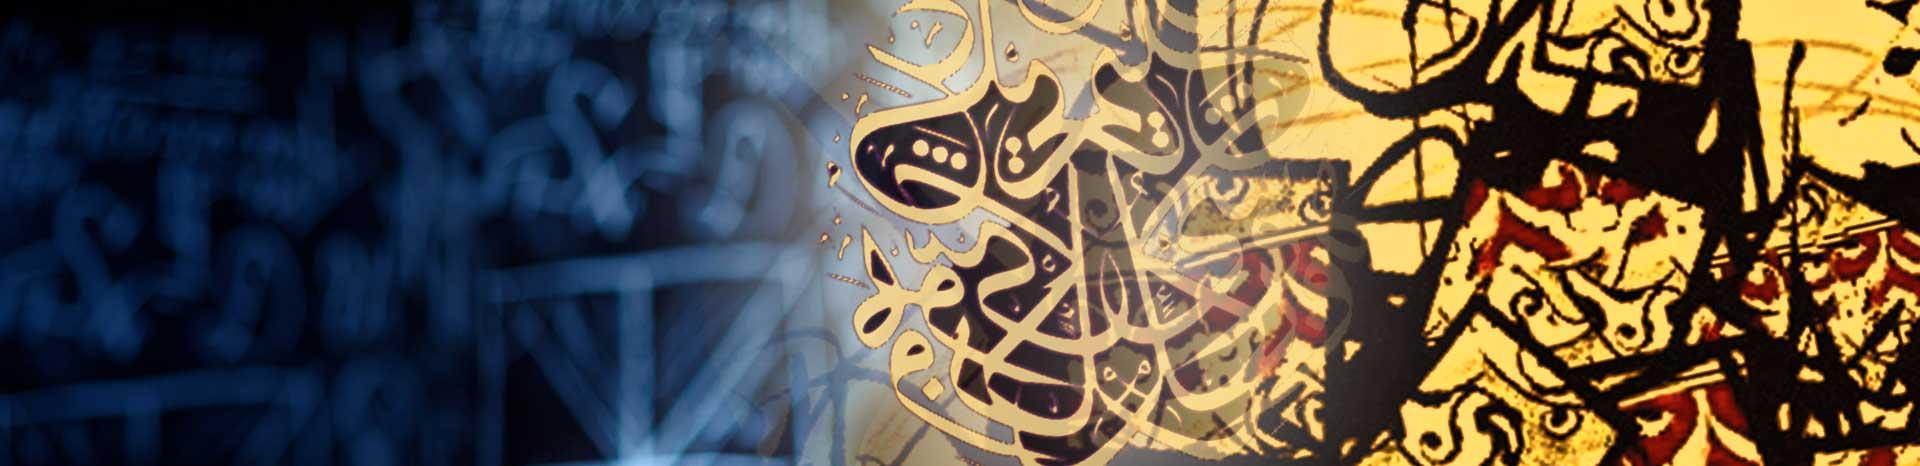 Idioma árabe